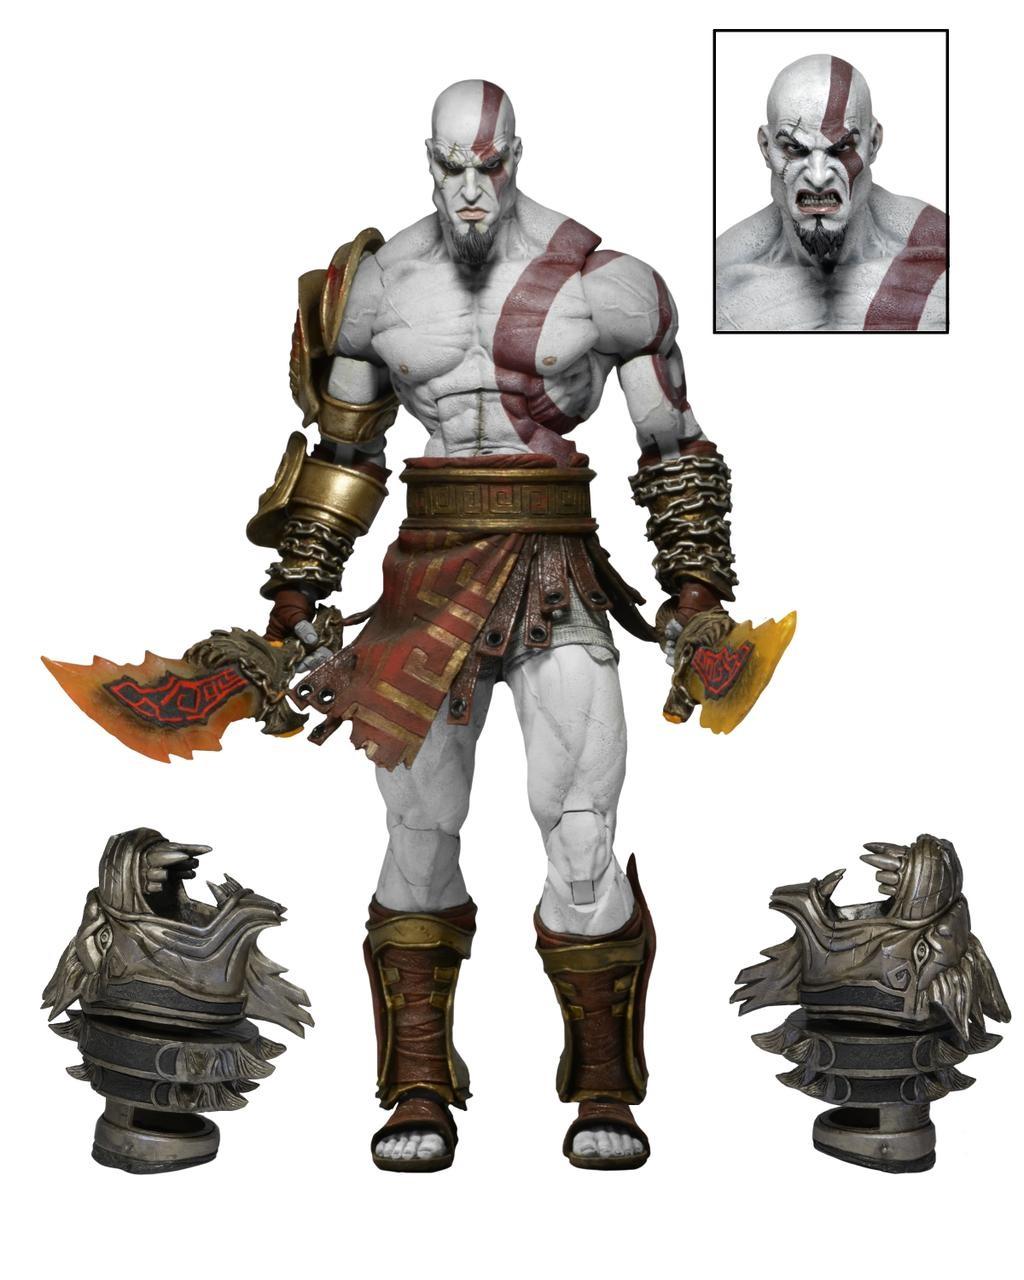 Фигурка God of War 3. Ultimate Kratos (17 см)Представляем вашему вниманию фигурку God of War 3. Ultimate Kratos, воплощающую собой протагониста легендарной серии игр «God of War» Кратоса.<br>